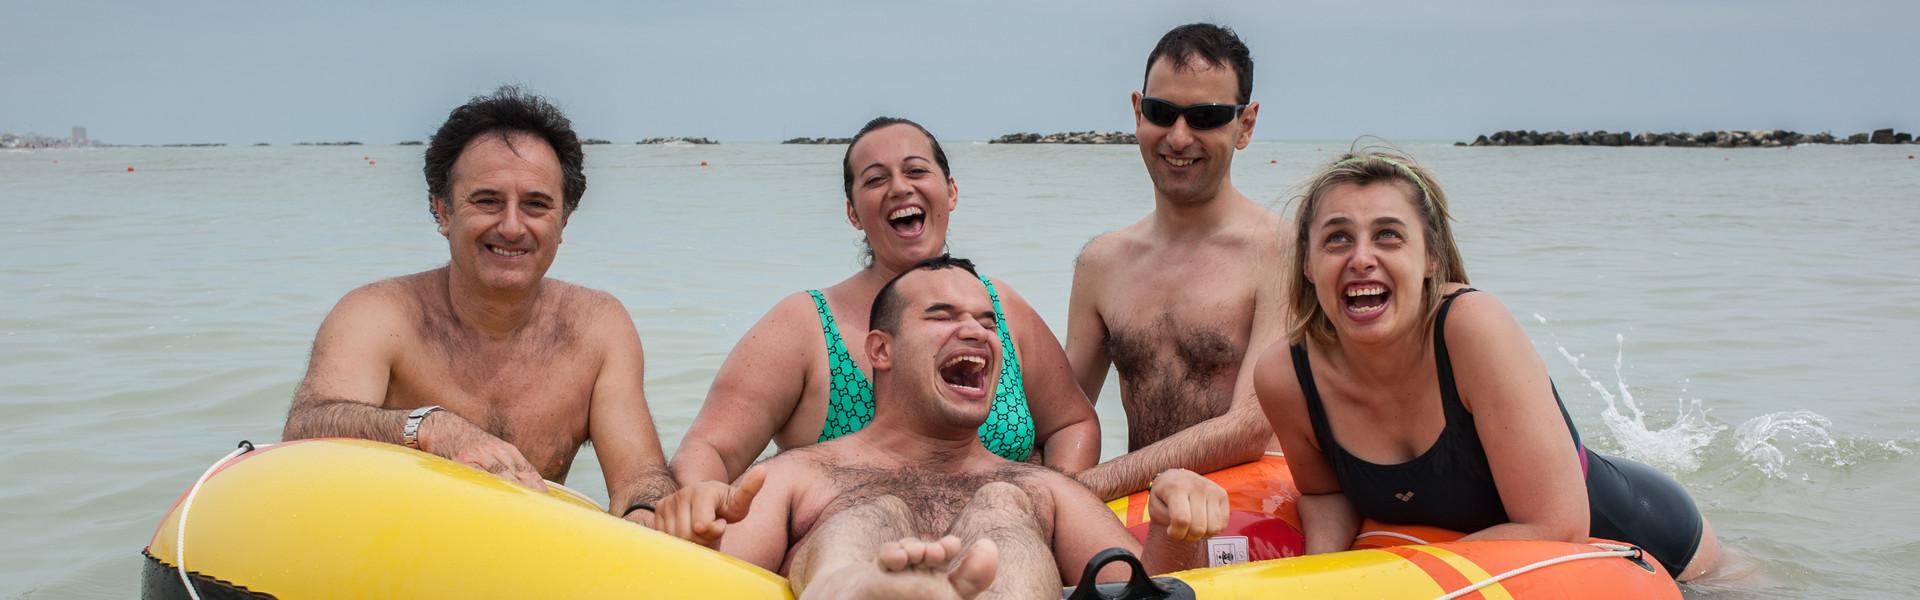 Soggiotni estivi al mare: un utente ride di gusto galleggiando su un gommone mentre volontari ed altri utenti, appoggiati intorno al gommone, ridono insieme a lui